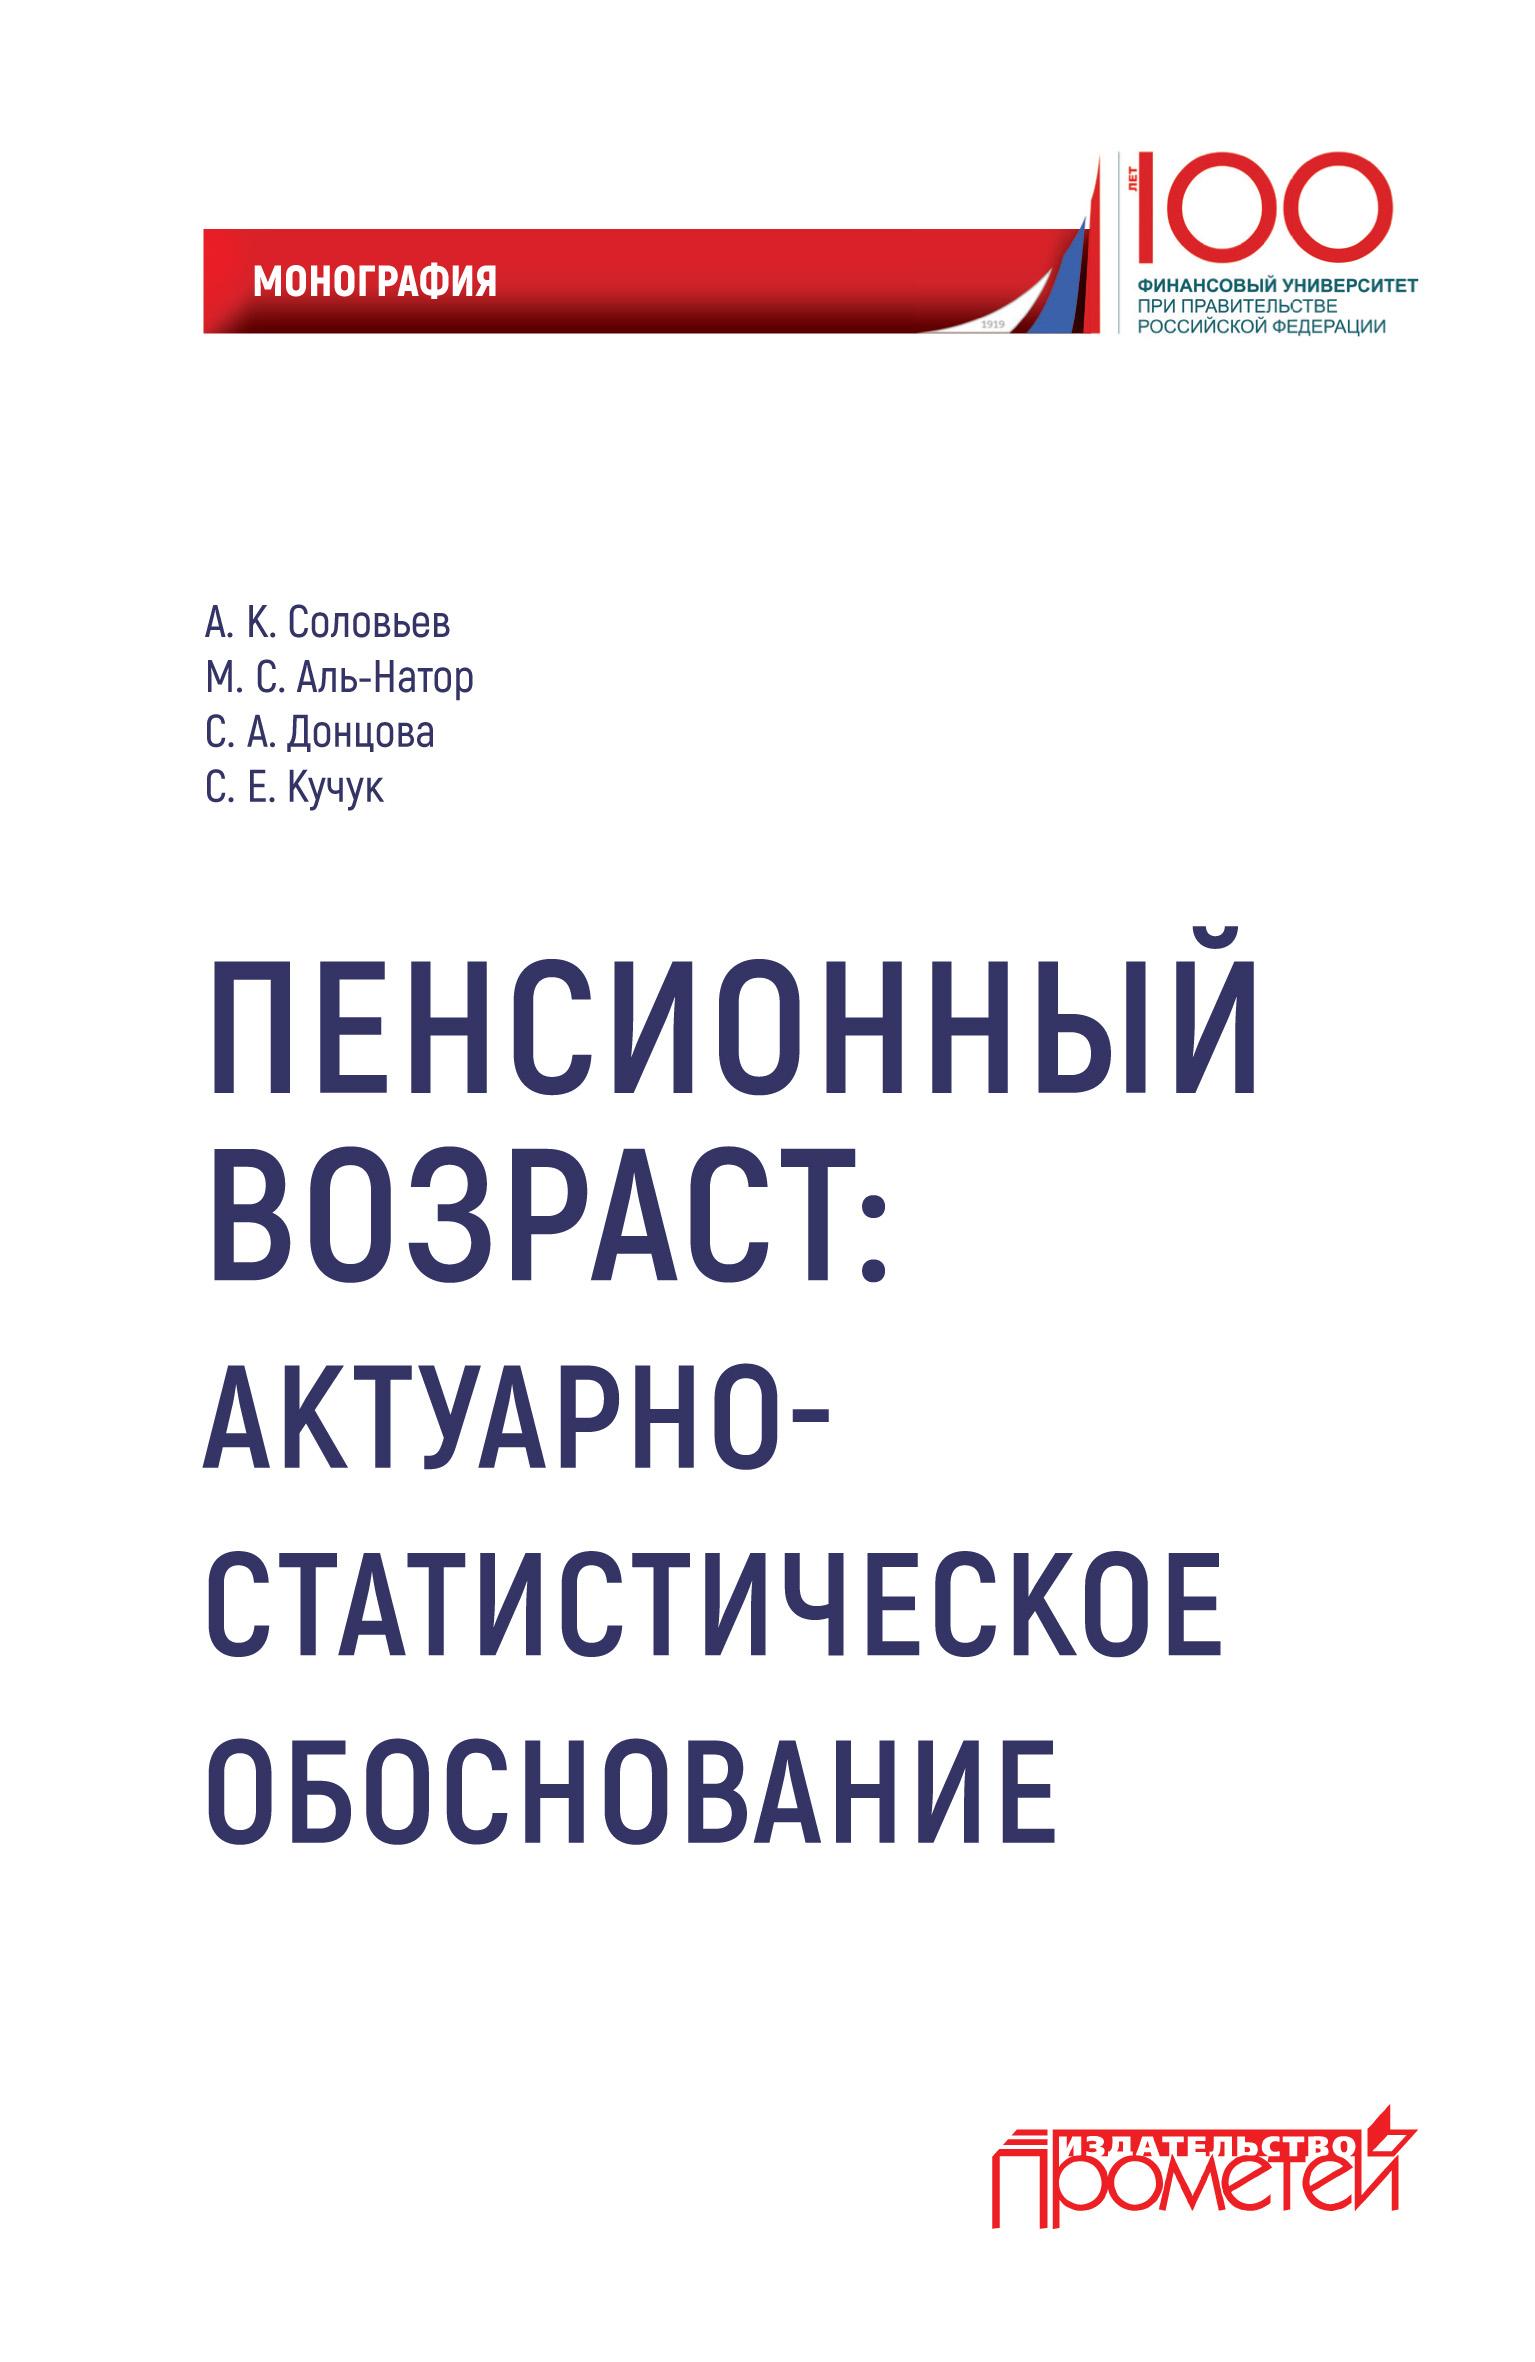 А. К. Соловьев Пенсионный возраст. Актуарно-статистическое обоснование. бабурин с н глобализация в перспективе устойчивого развития монография